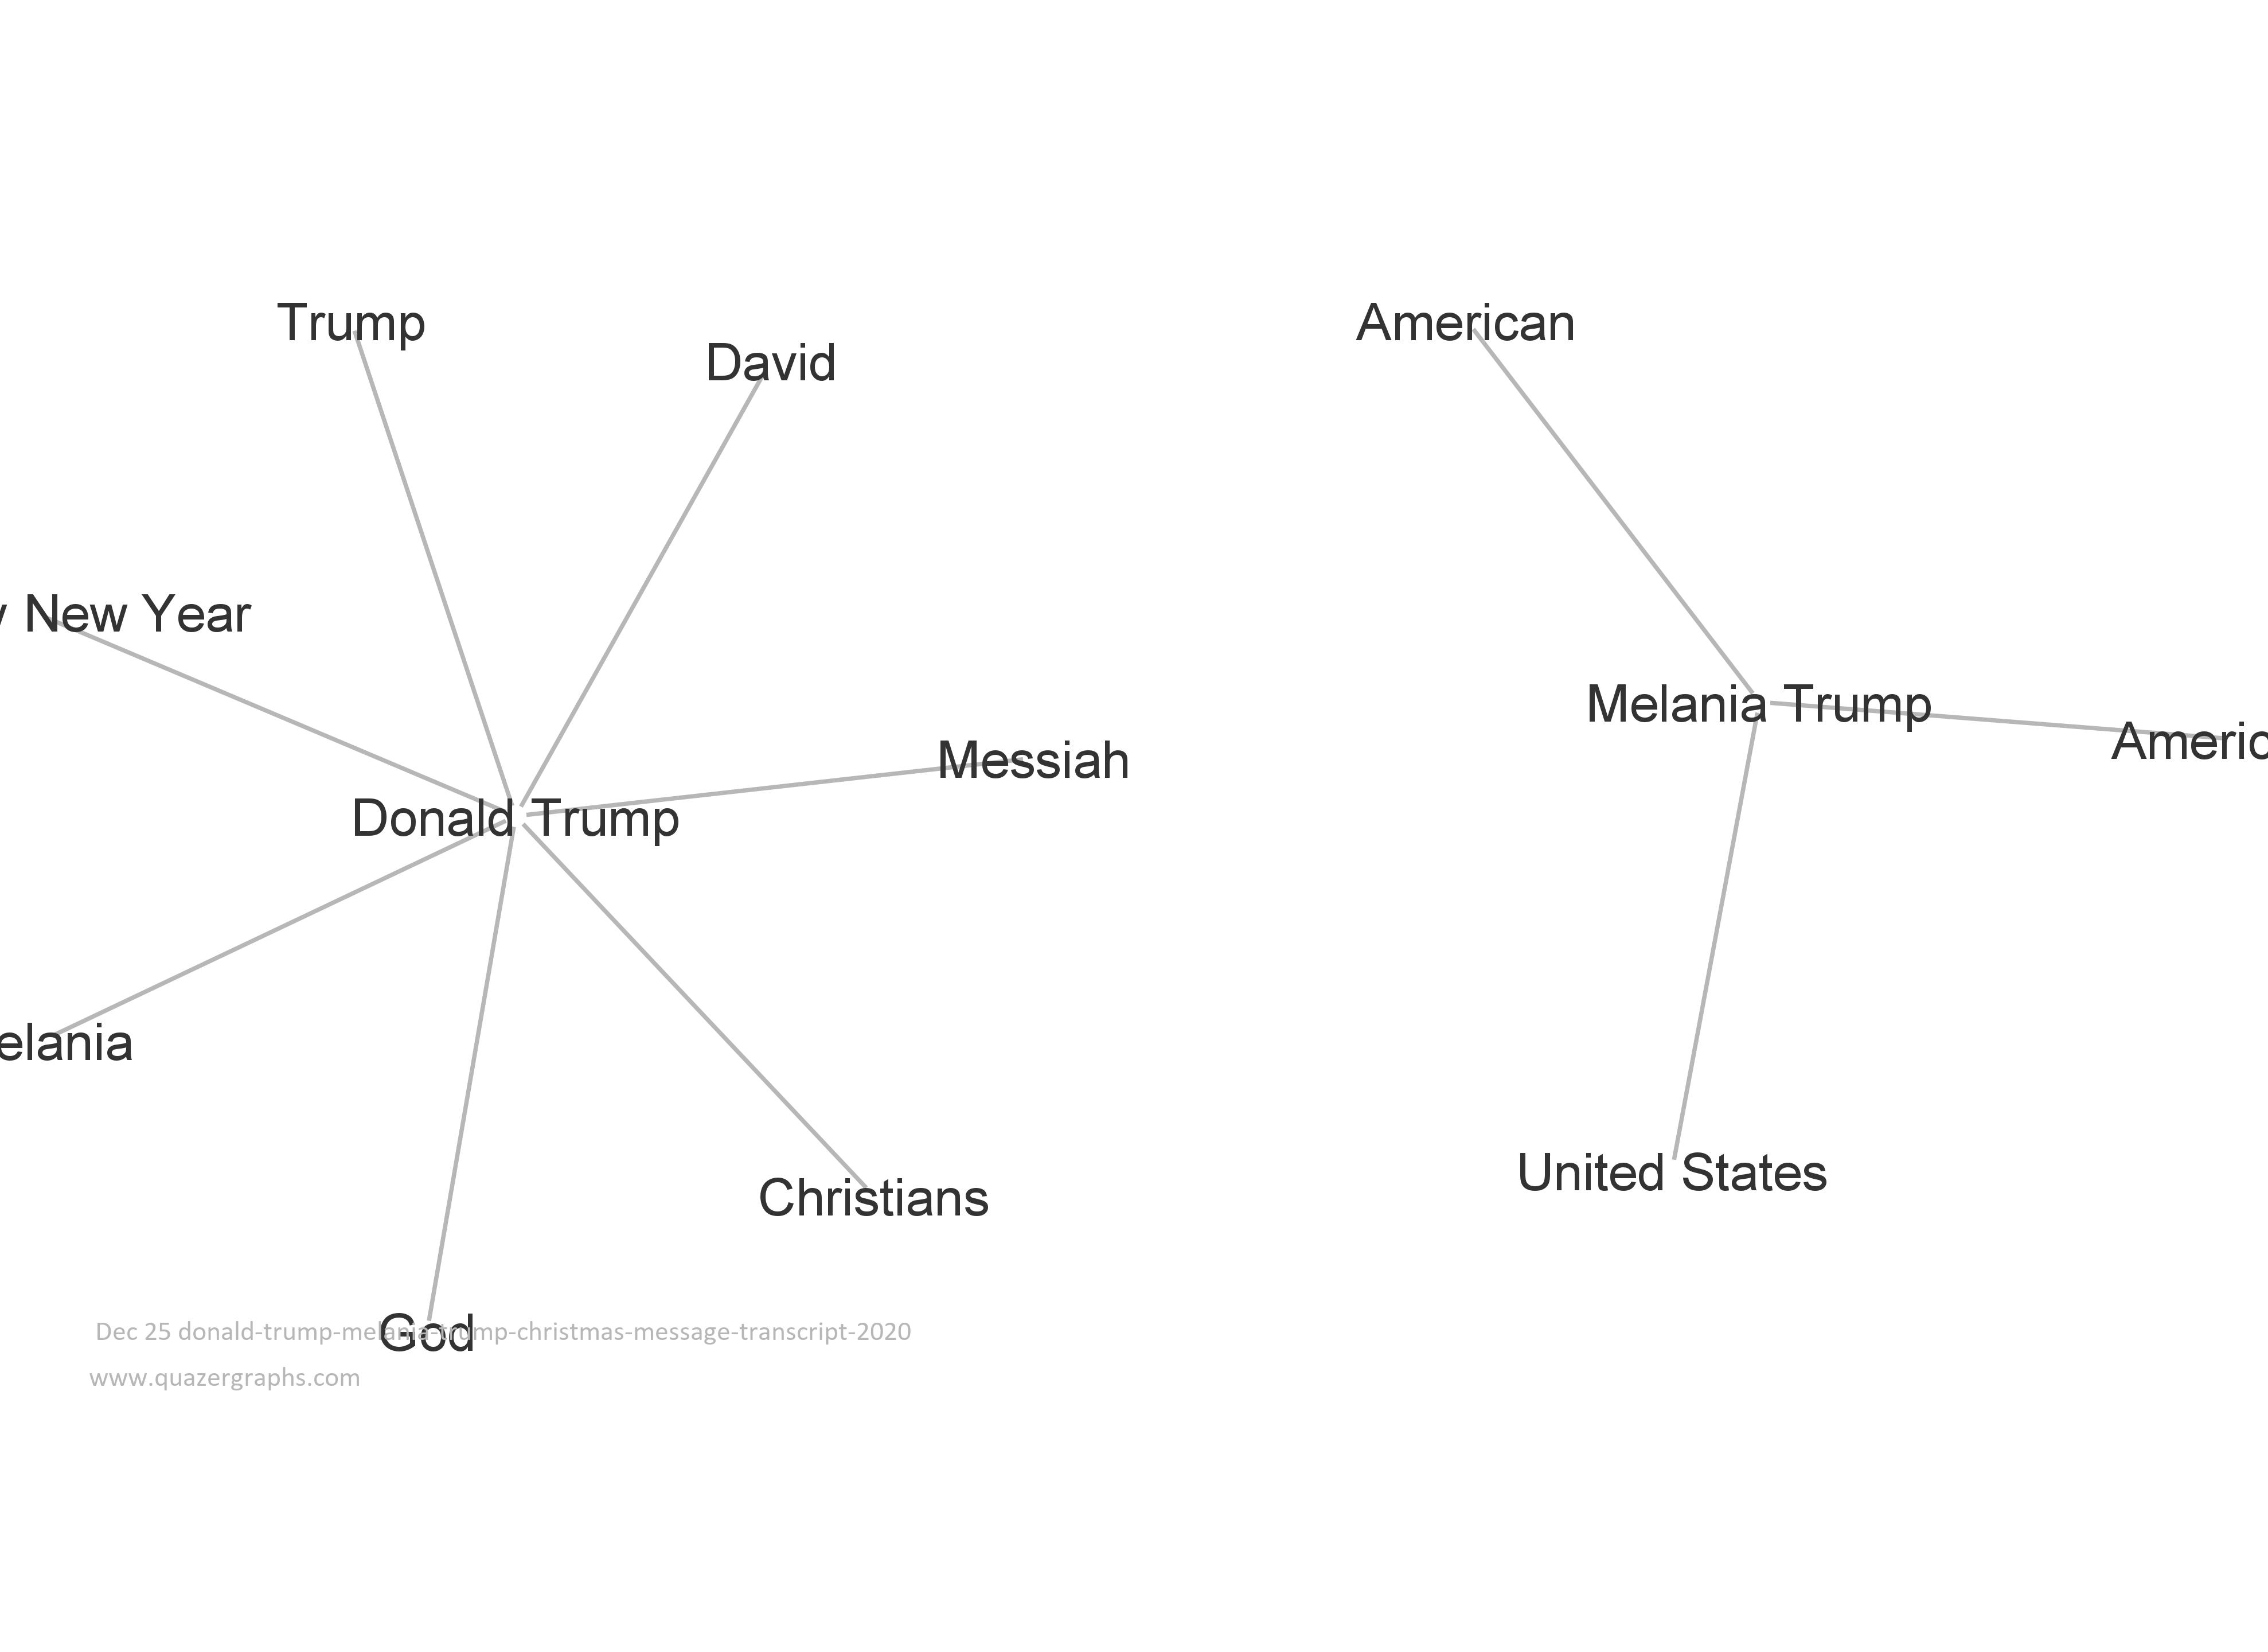 Dec 25 donald-trump-melania-trump-christmas-message-transcript-2020